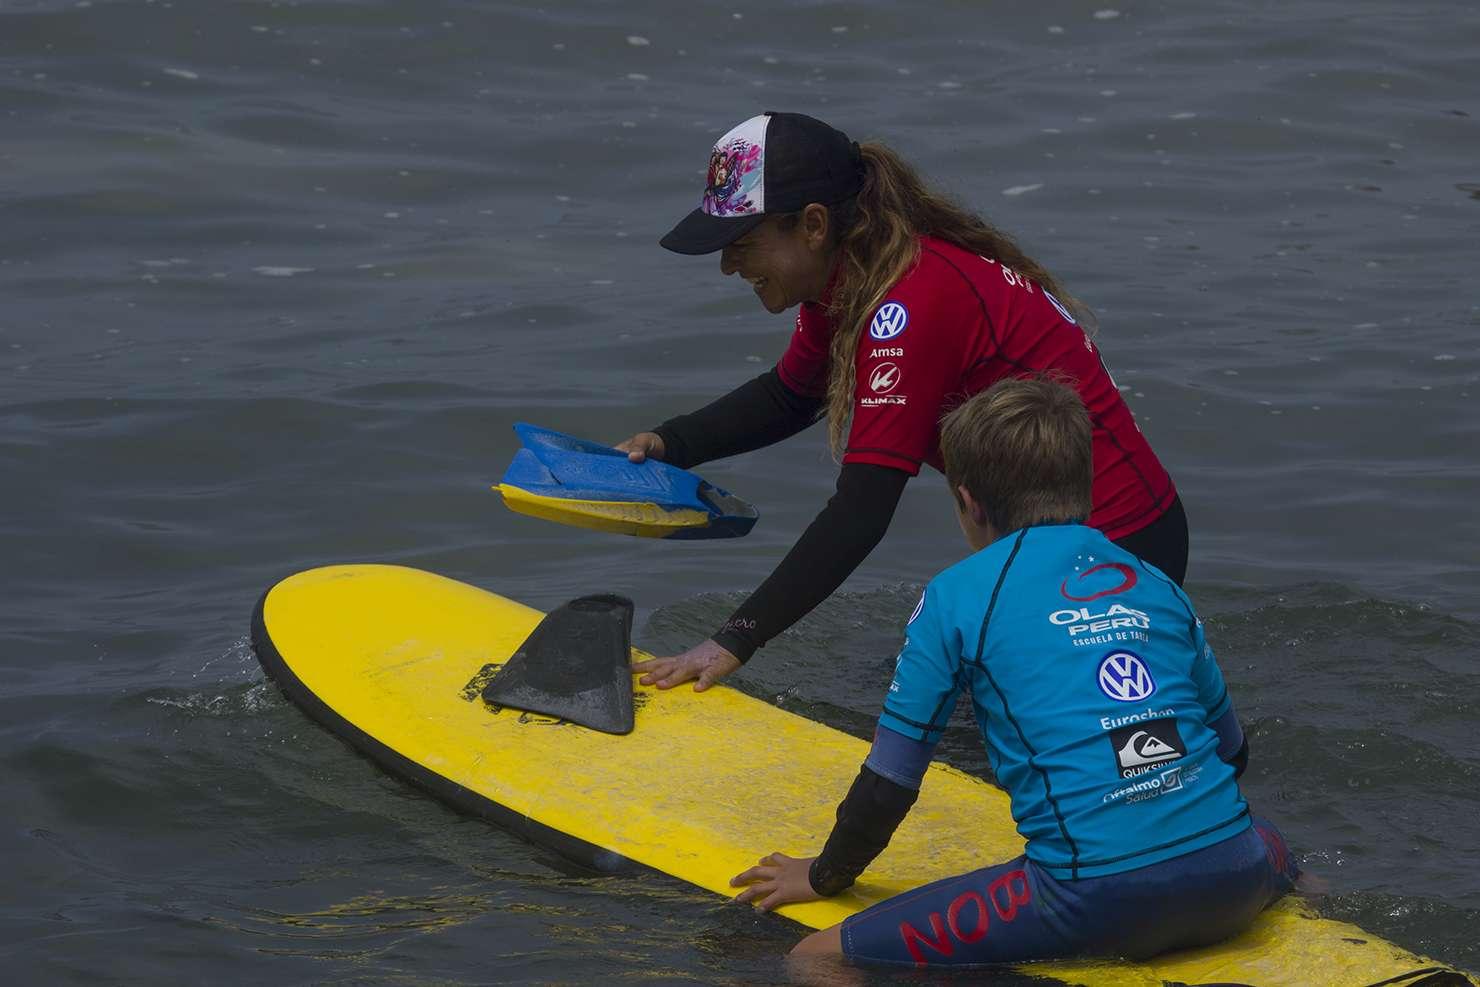 Escuela de surf Olas Perú